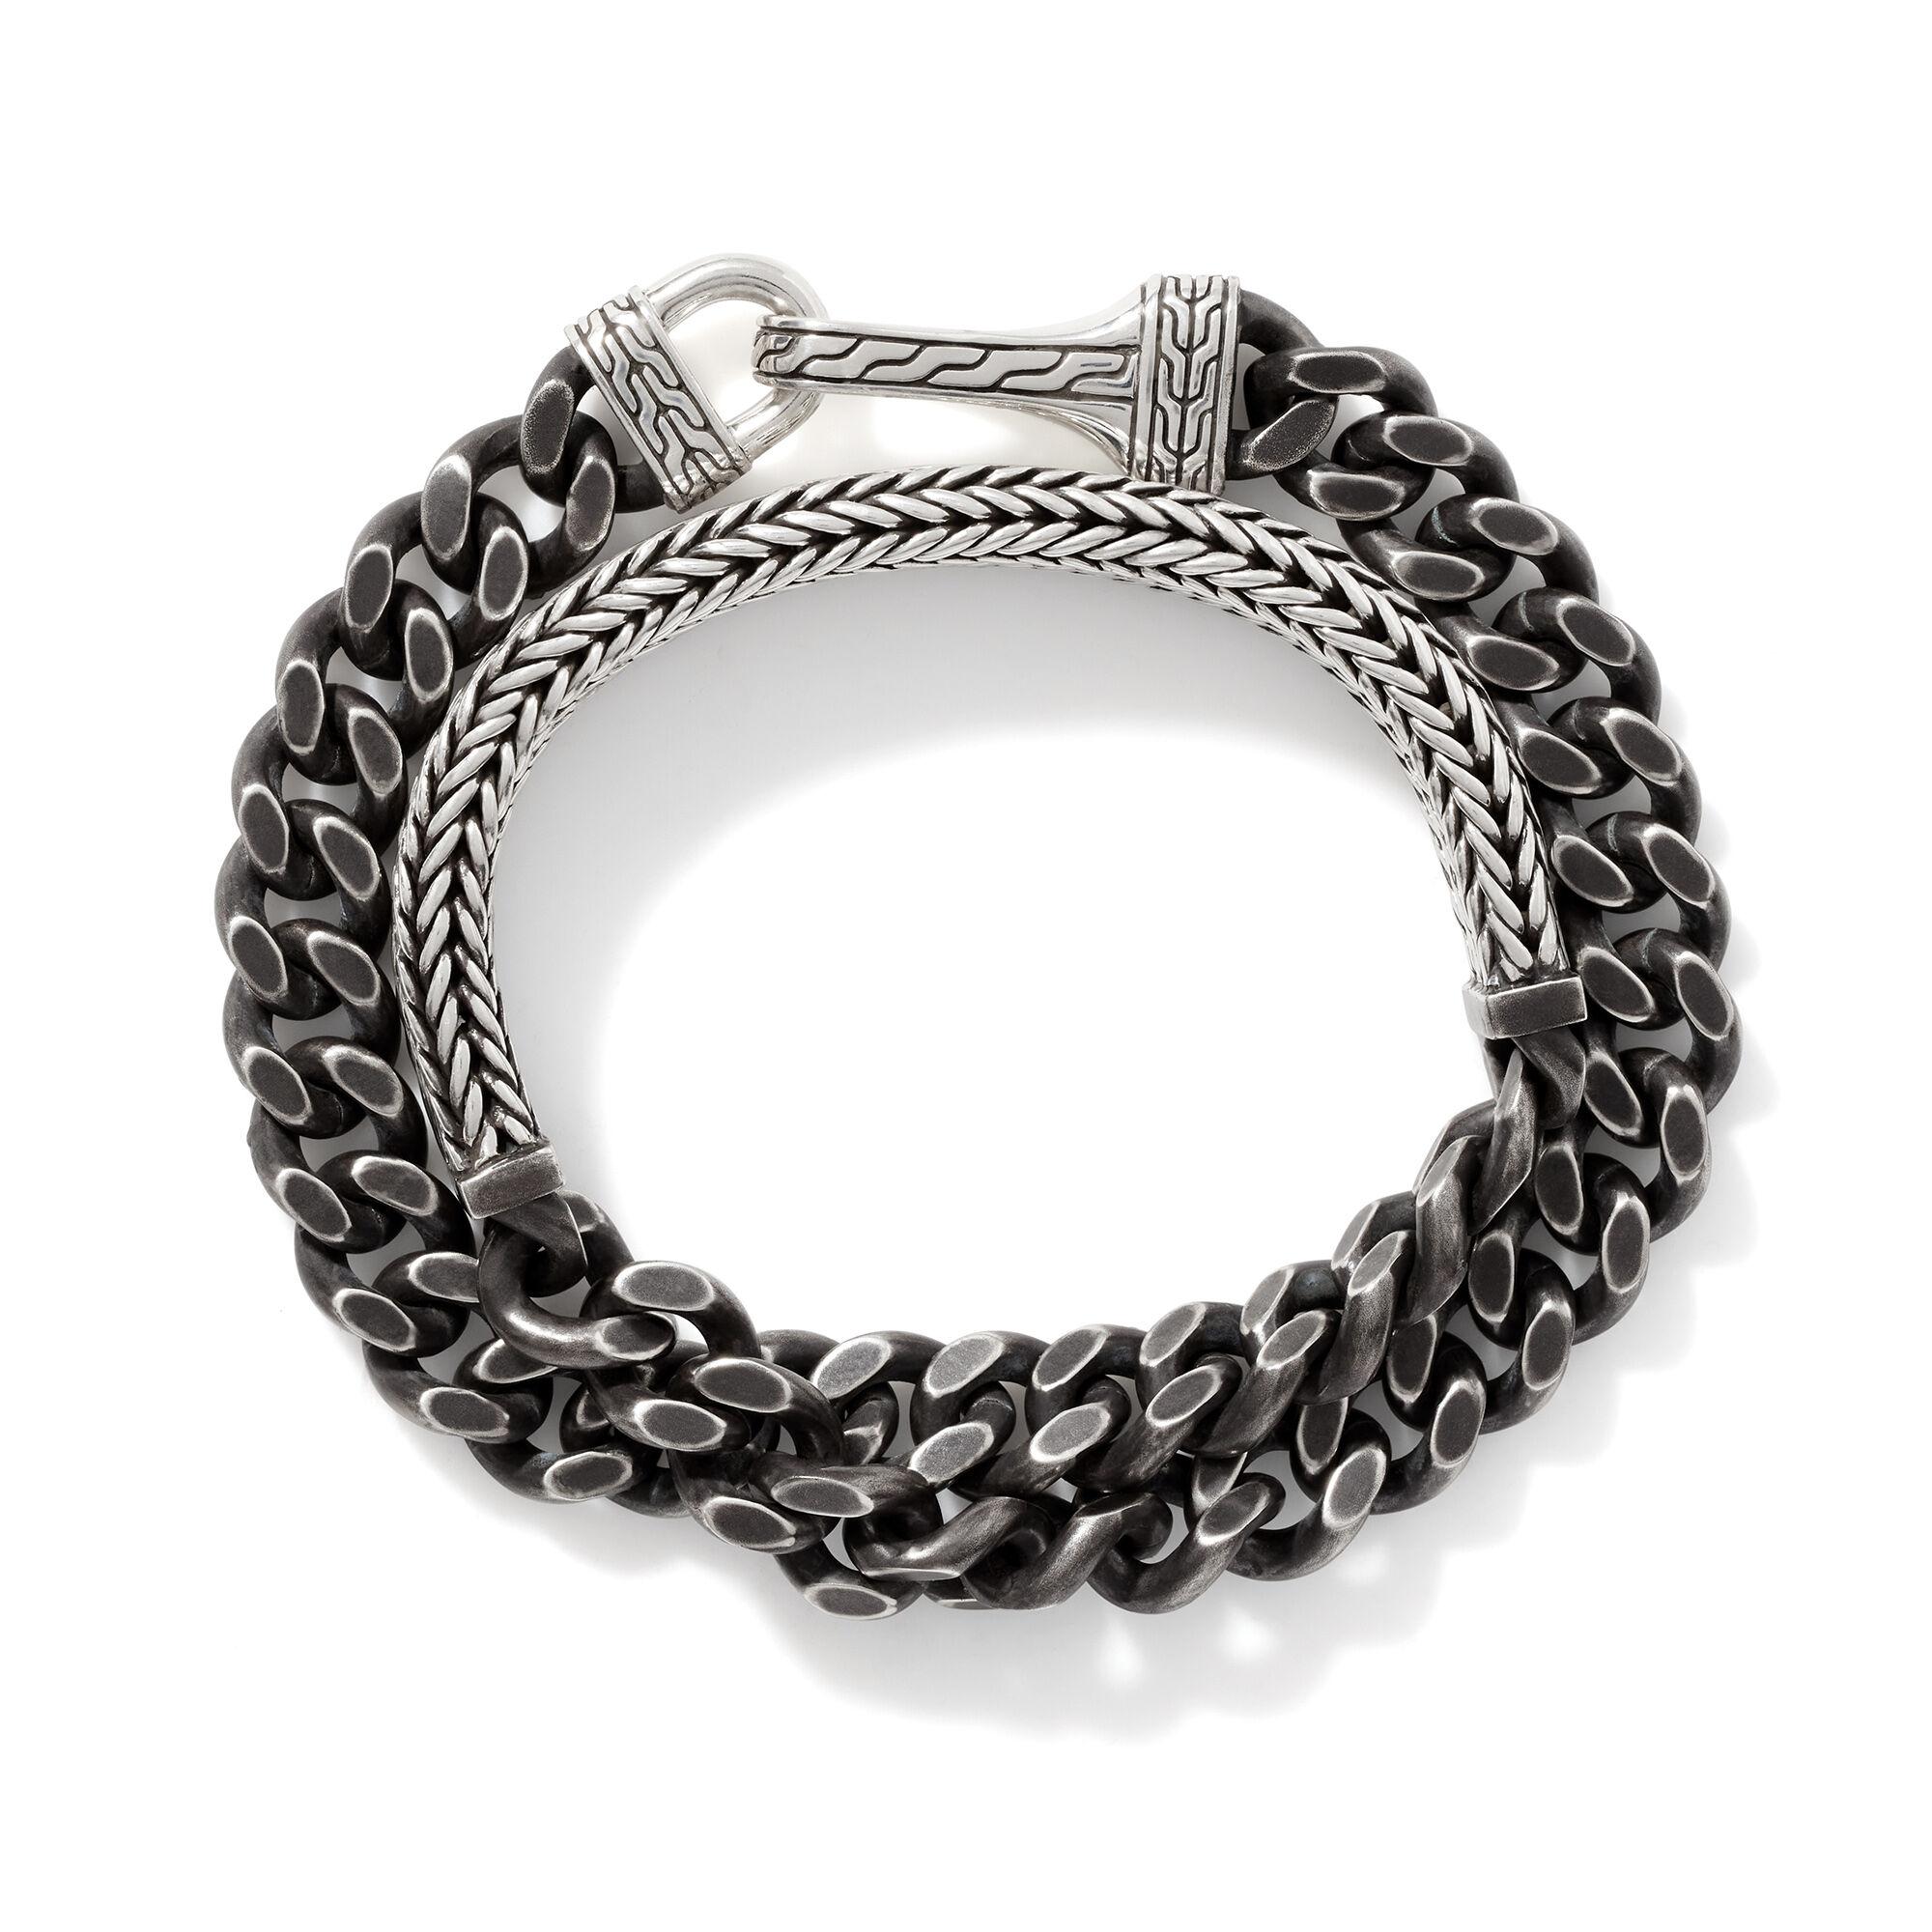 Rata Chain Curb Wrap Bracelet, , large